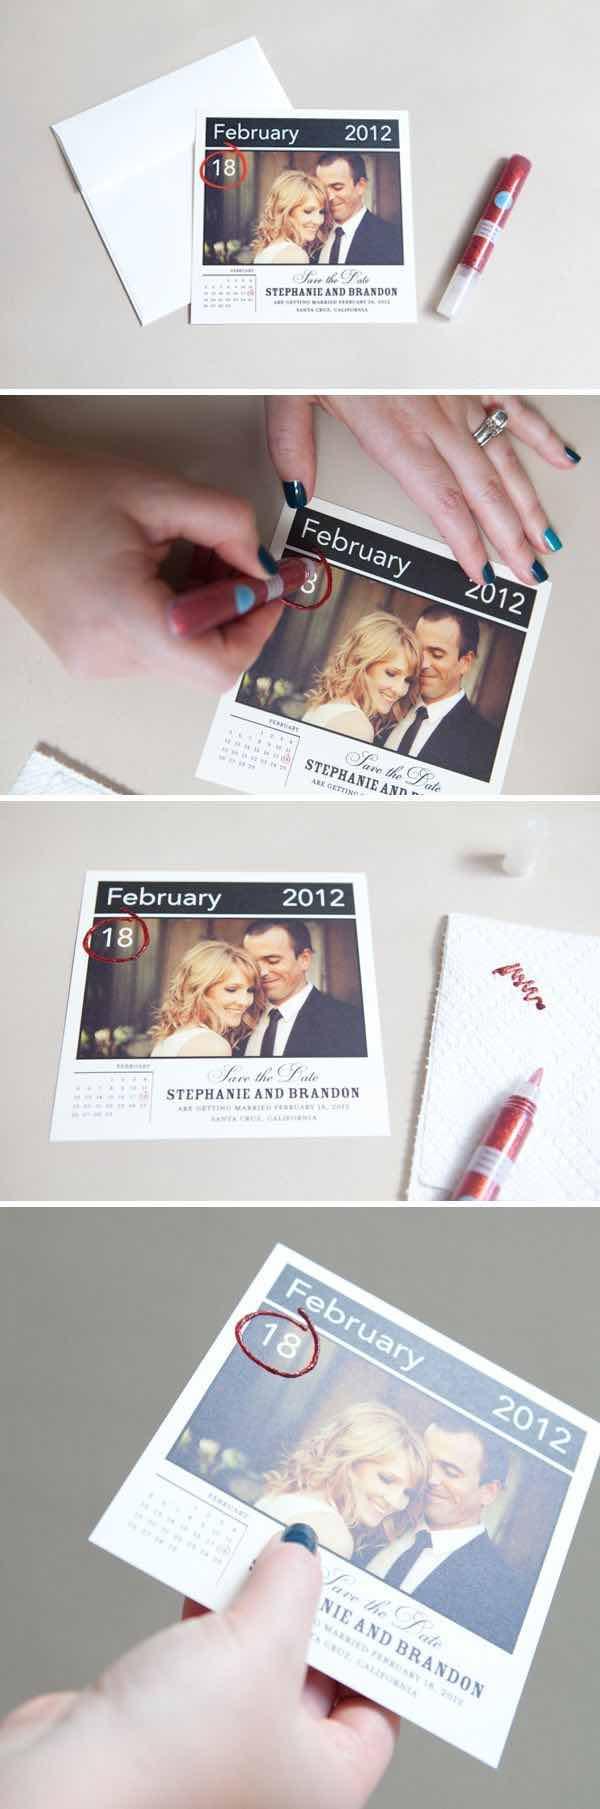 Como hacer un Save the Date creativo y fácil ¿Recuerdas las Polaroid?